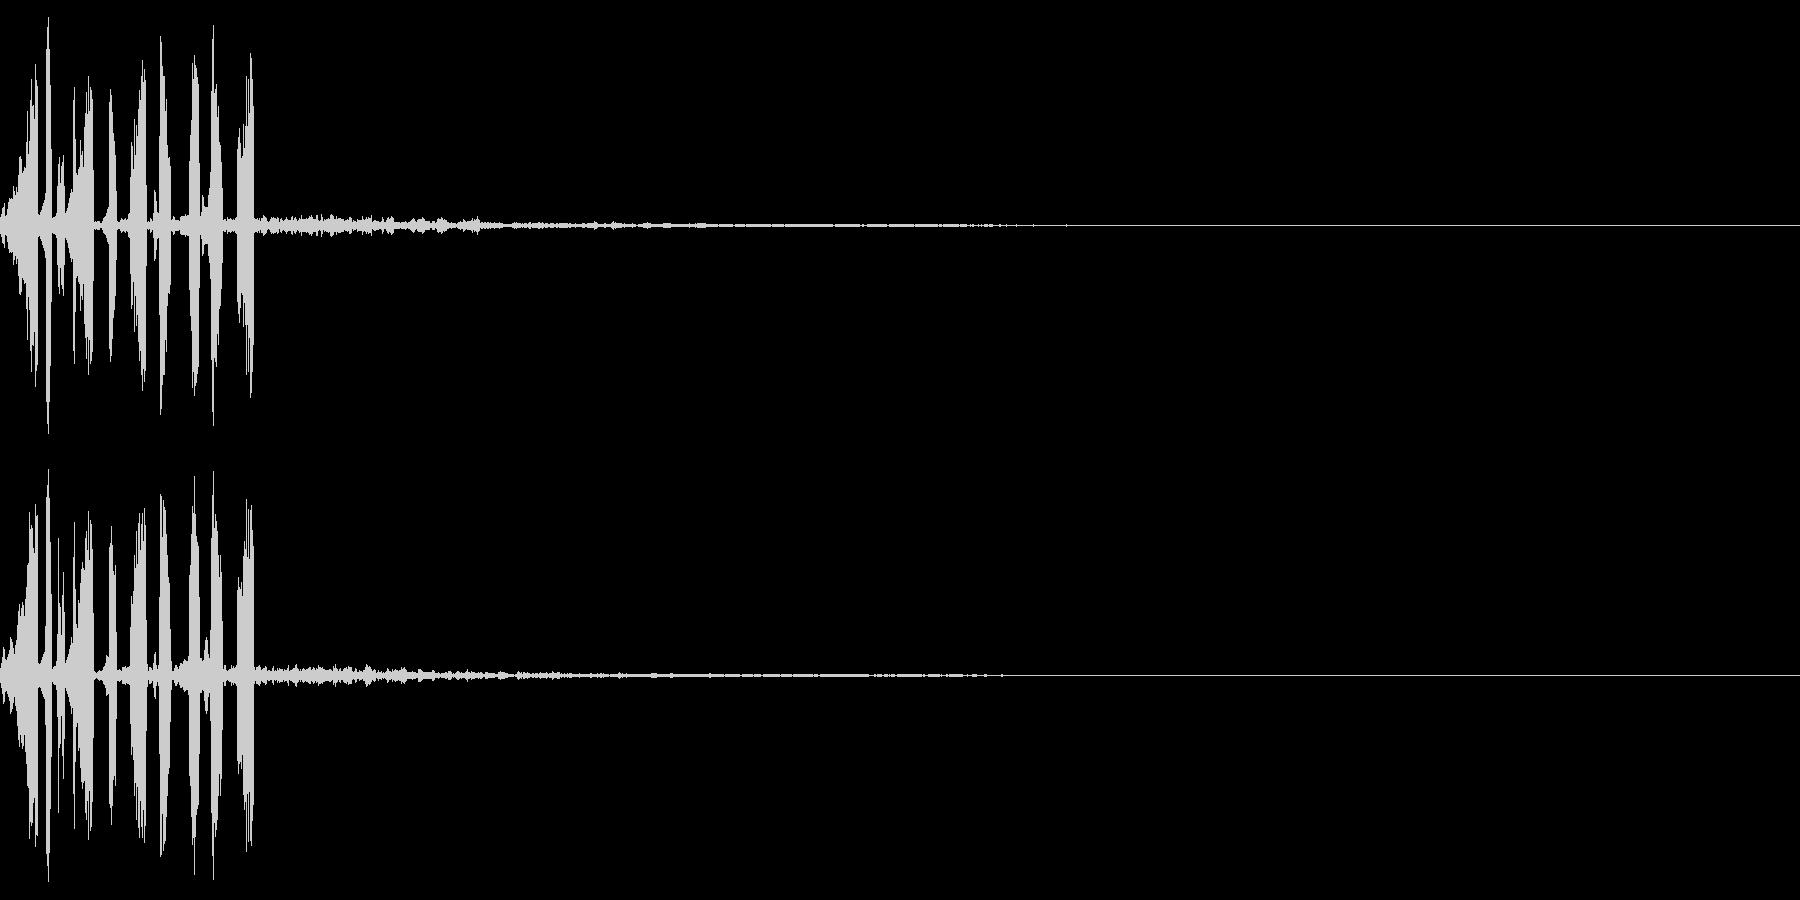 ゲームの効果音8 回転する 振りかざすの未再生の波形